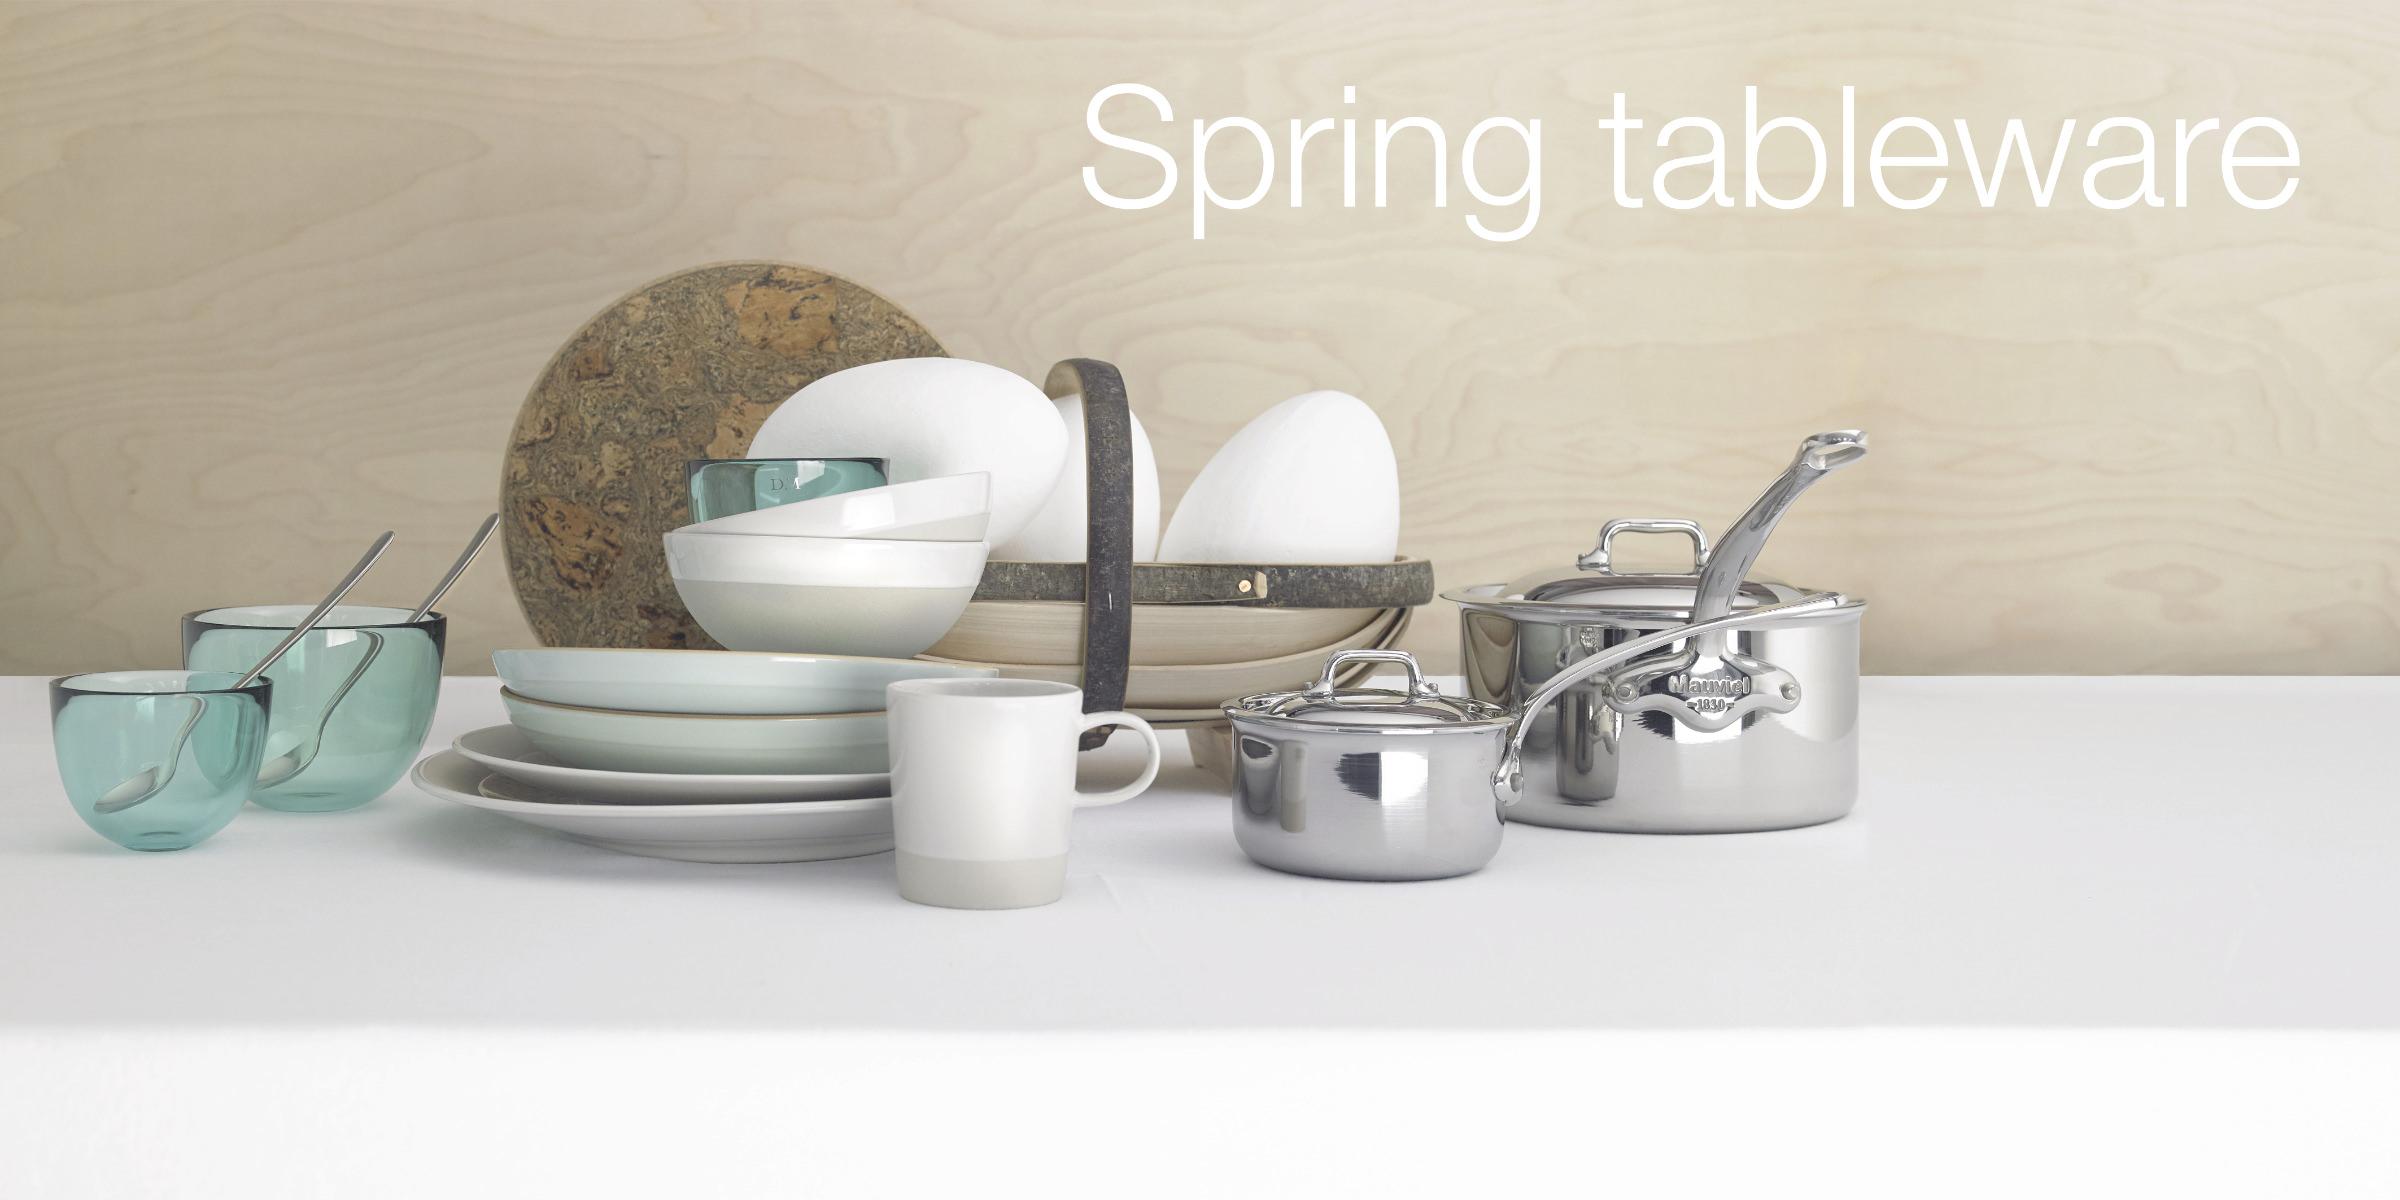 Spring tableware